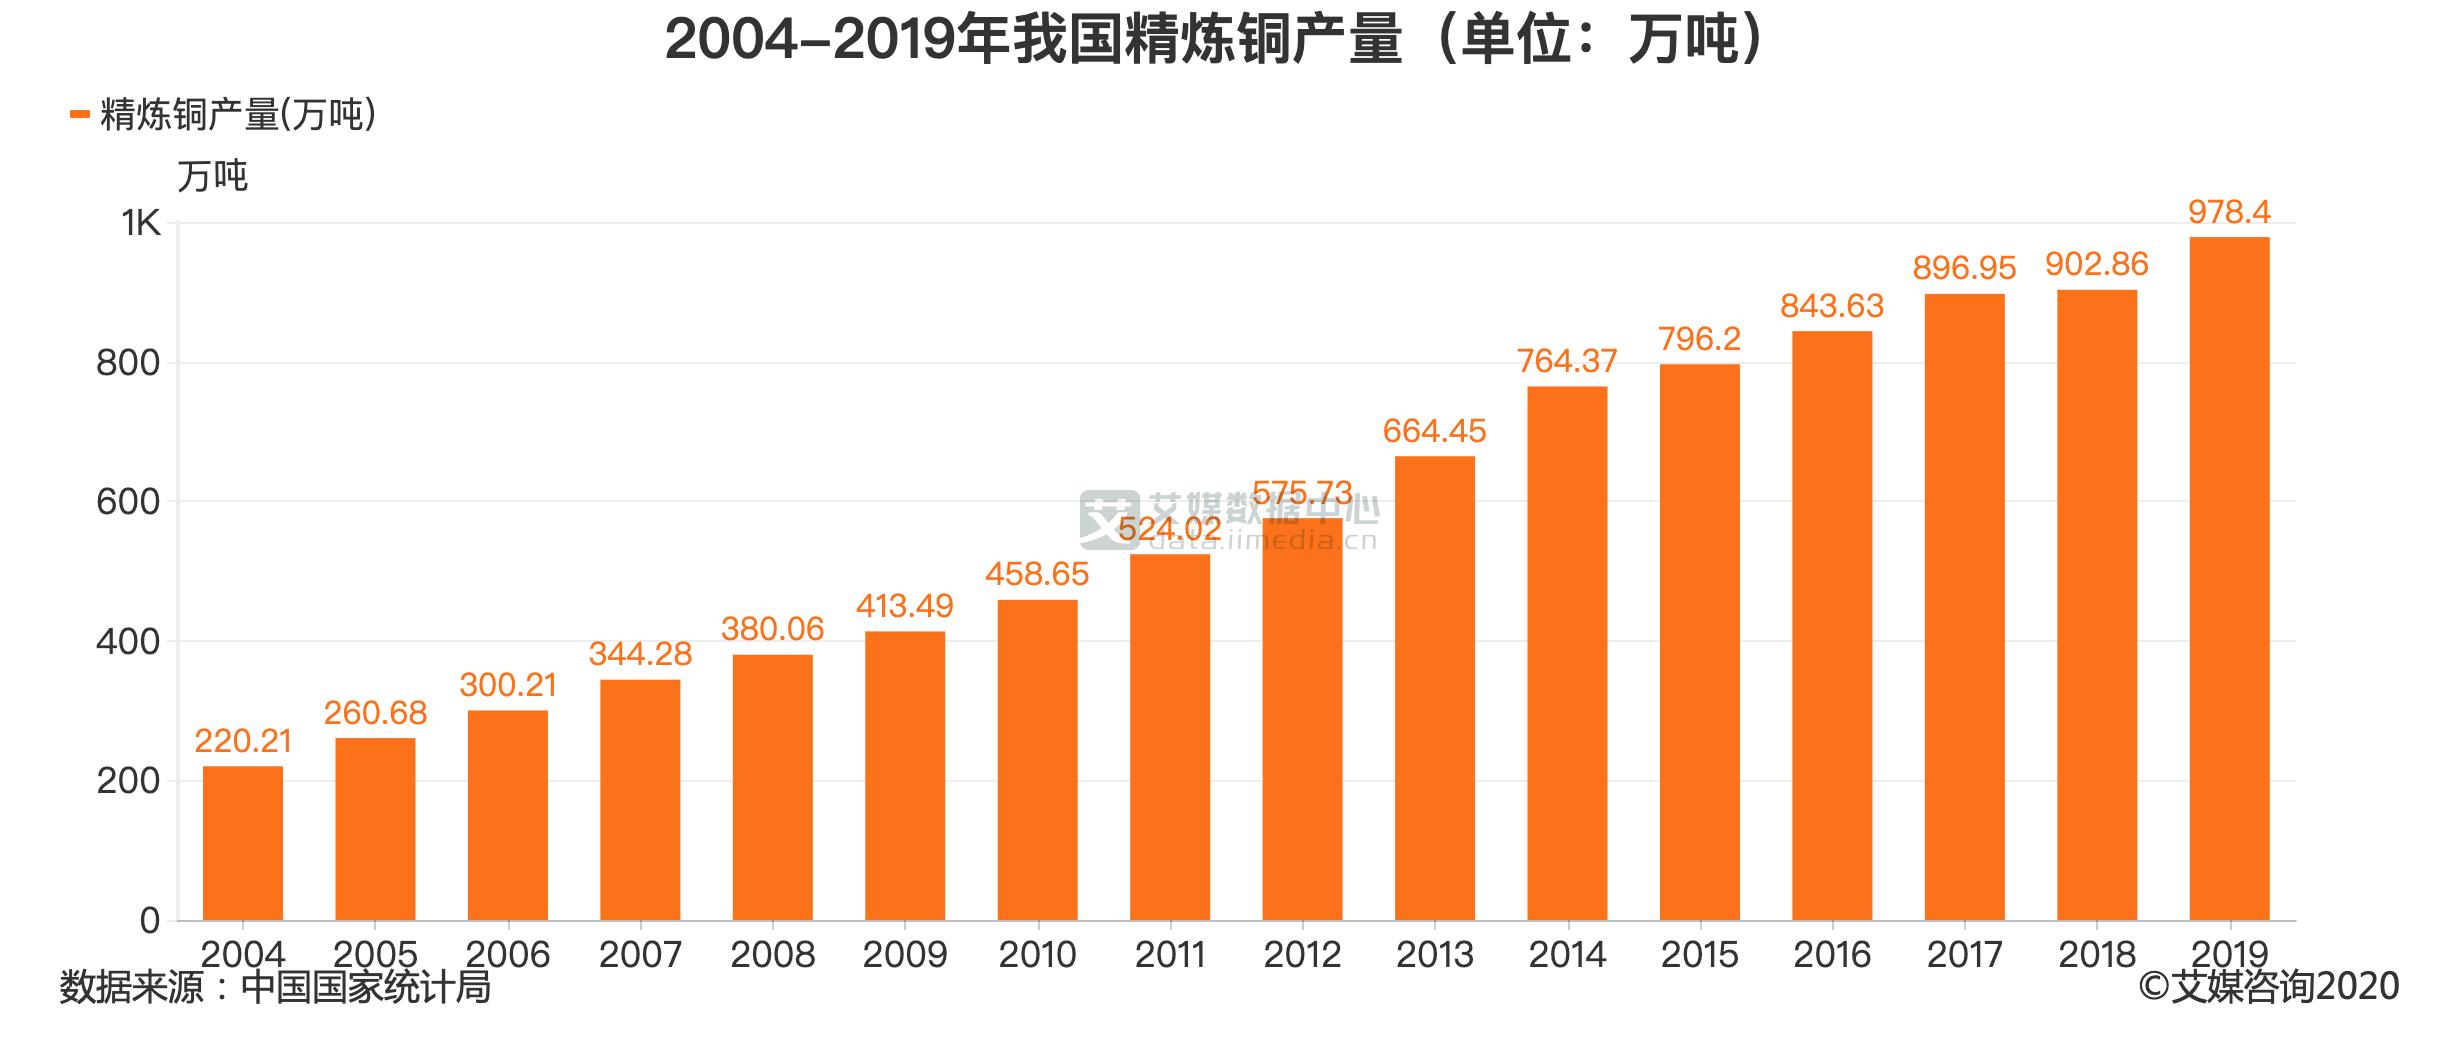 2004-2019年我国精炼铜产量(单位:万吨)